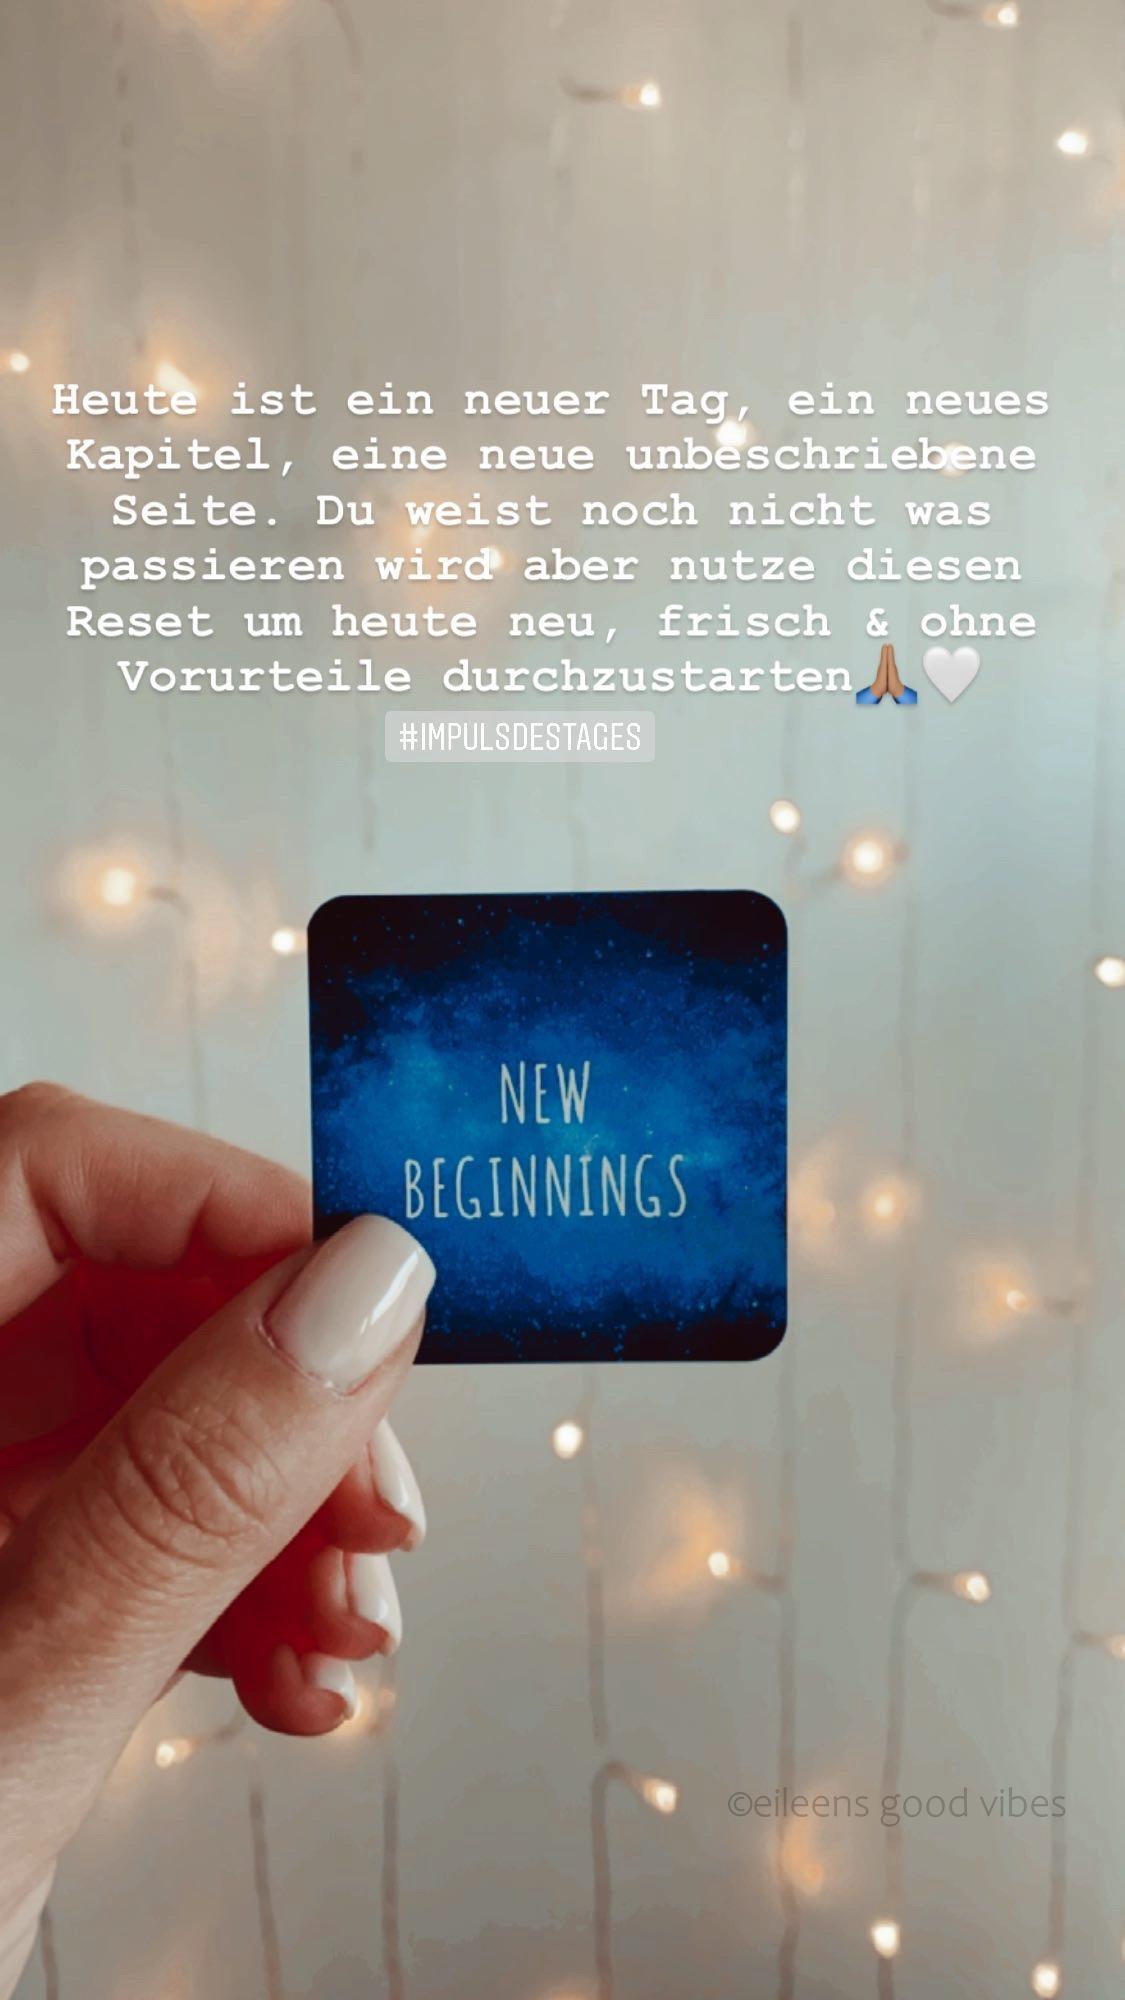 """Monatsrückblick - Impulskarte des Tages """"New Beginnings"""". Heute ist ein neuer Tag, ein neues Kapitel, eine neue unbeschriebene Seite. Du weist noch nicht was passieren wird aber nutze diesen Reset um heute neu, frisch und ohne Vorurteile durchzustarten."""